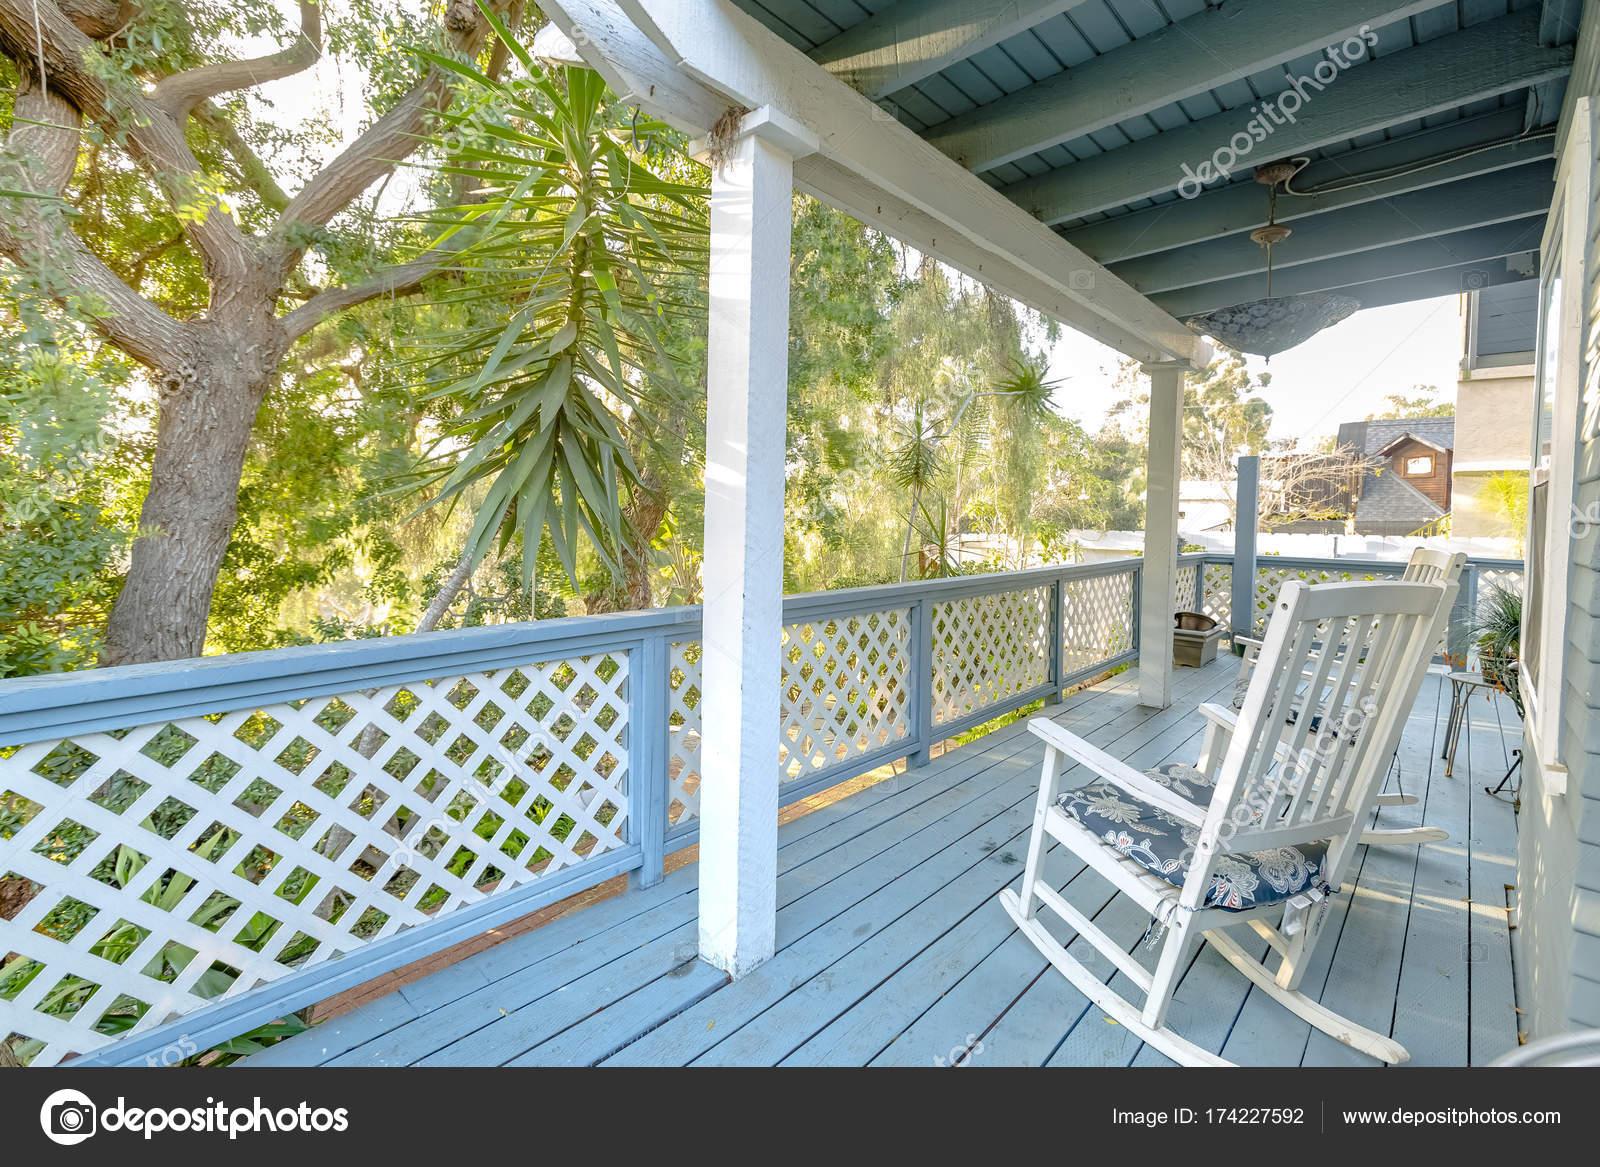 Machen Sie Eine Pause Mit Einem Weißen Schaukelstuhl Auf Der Terrasse U2014  Stockfoto